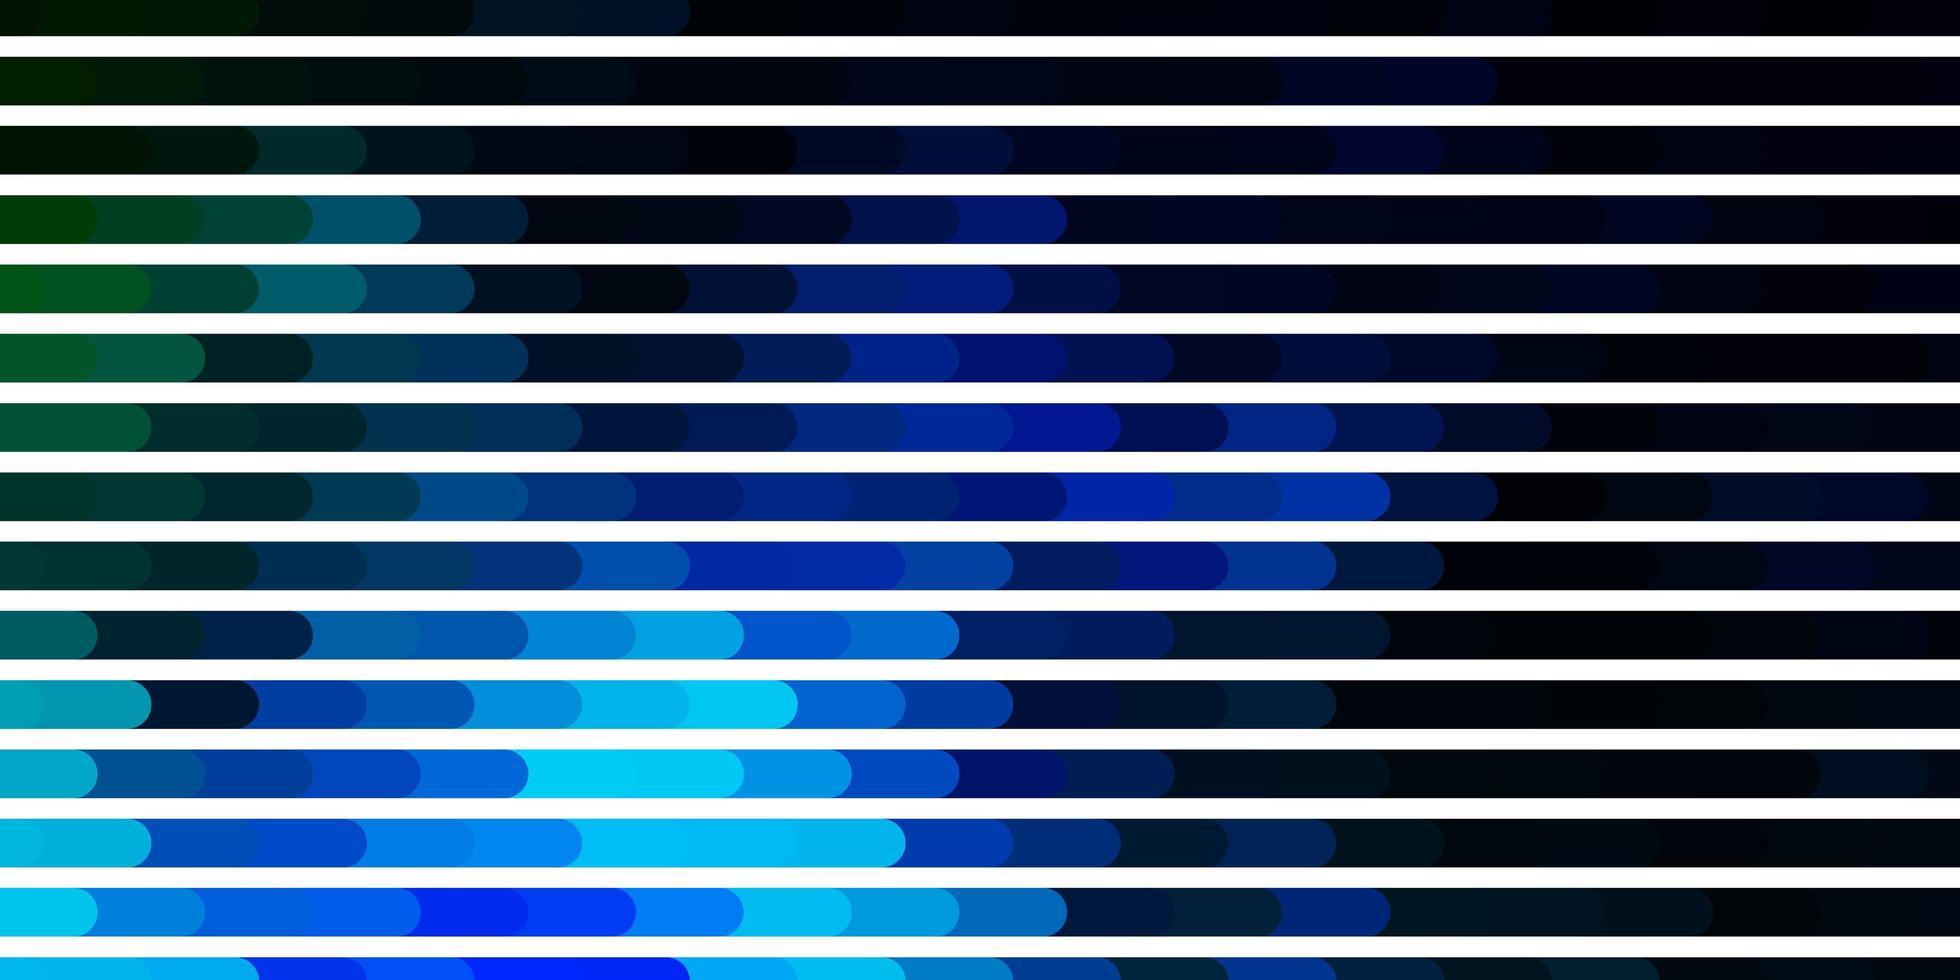 mörkblå och grön bakgrund med linjer. vektor